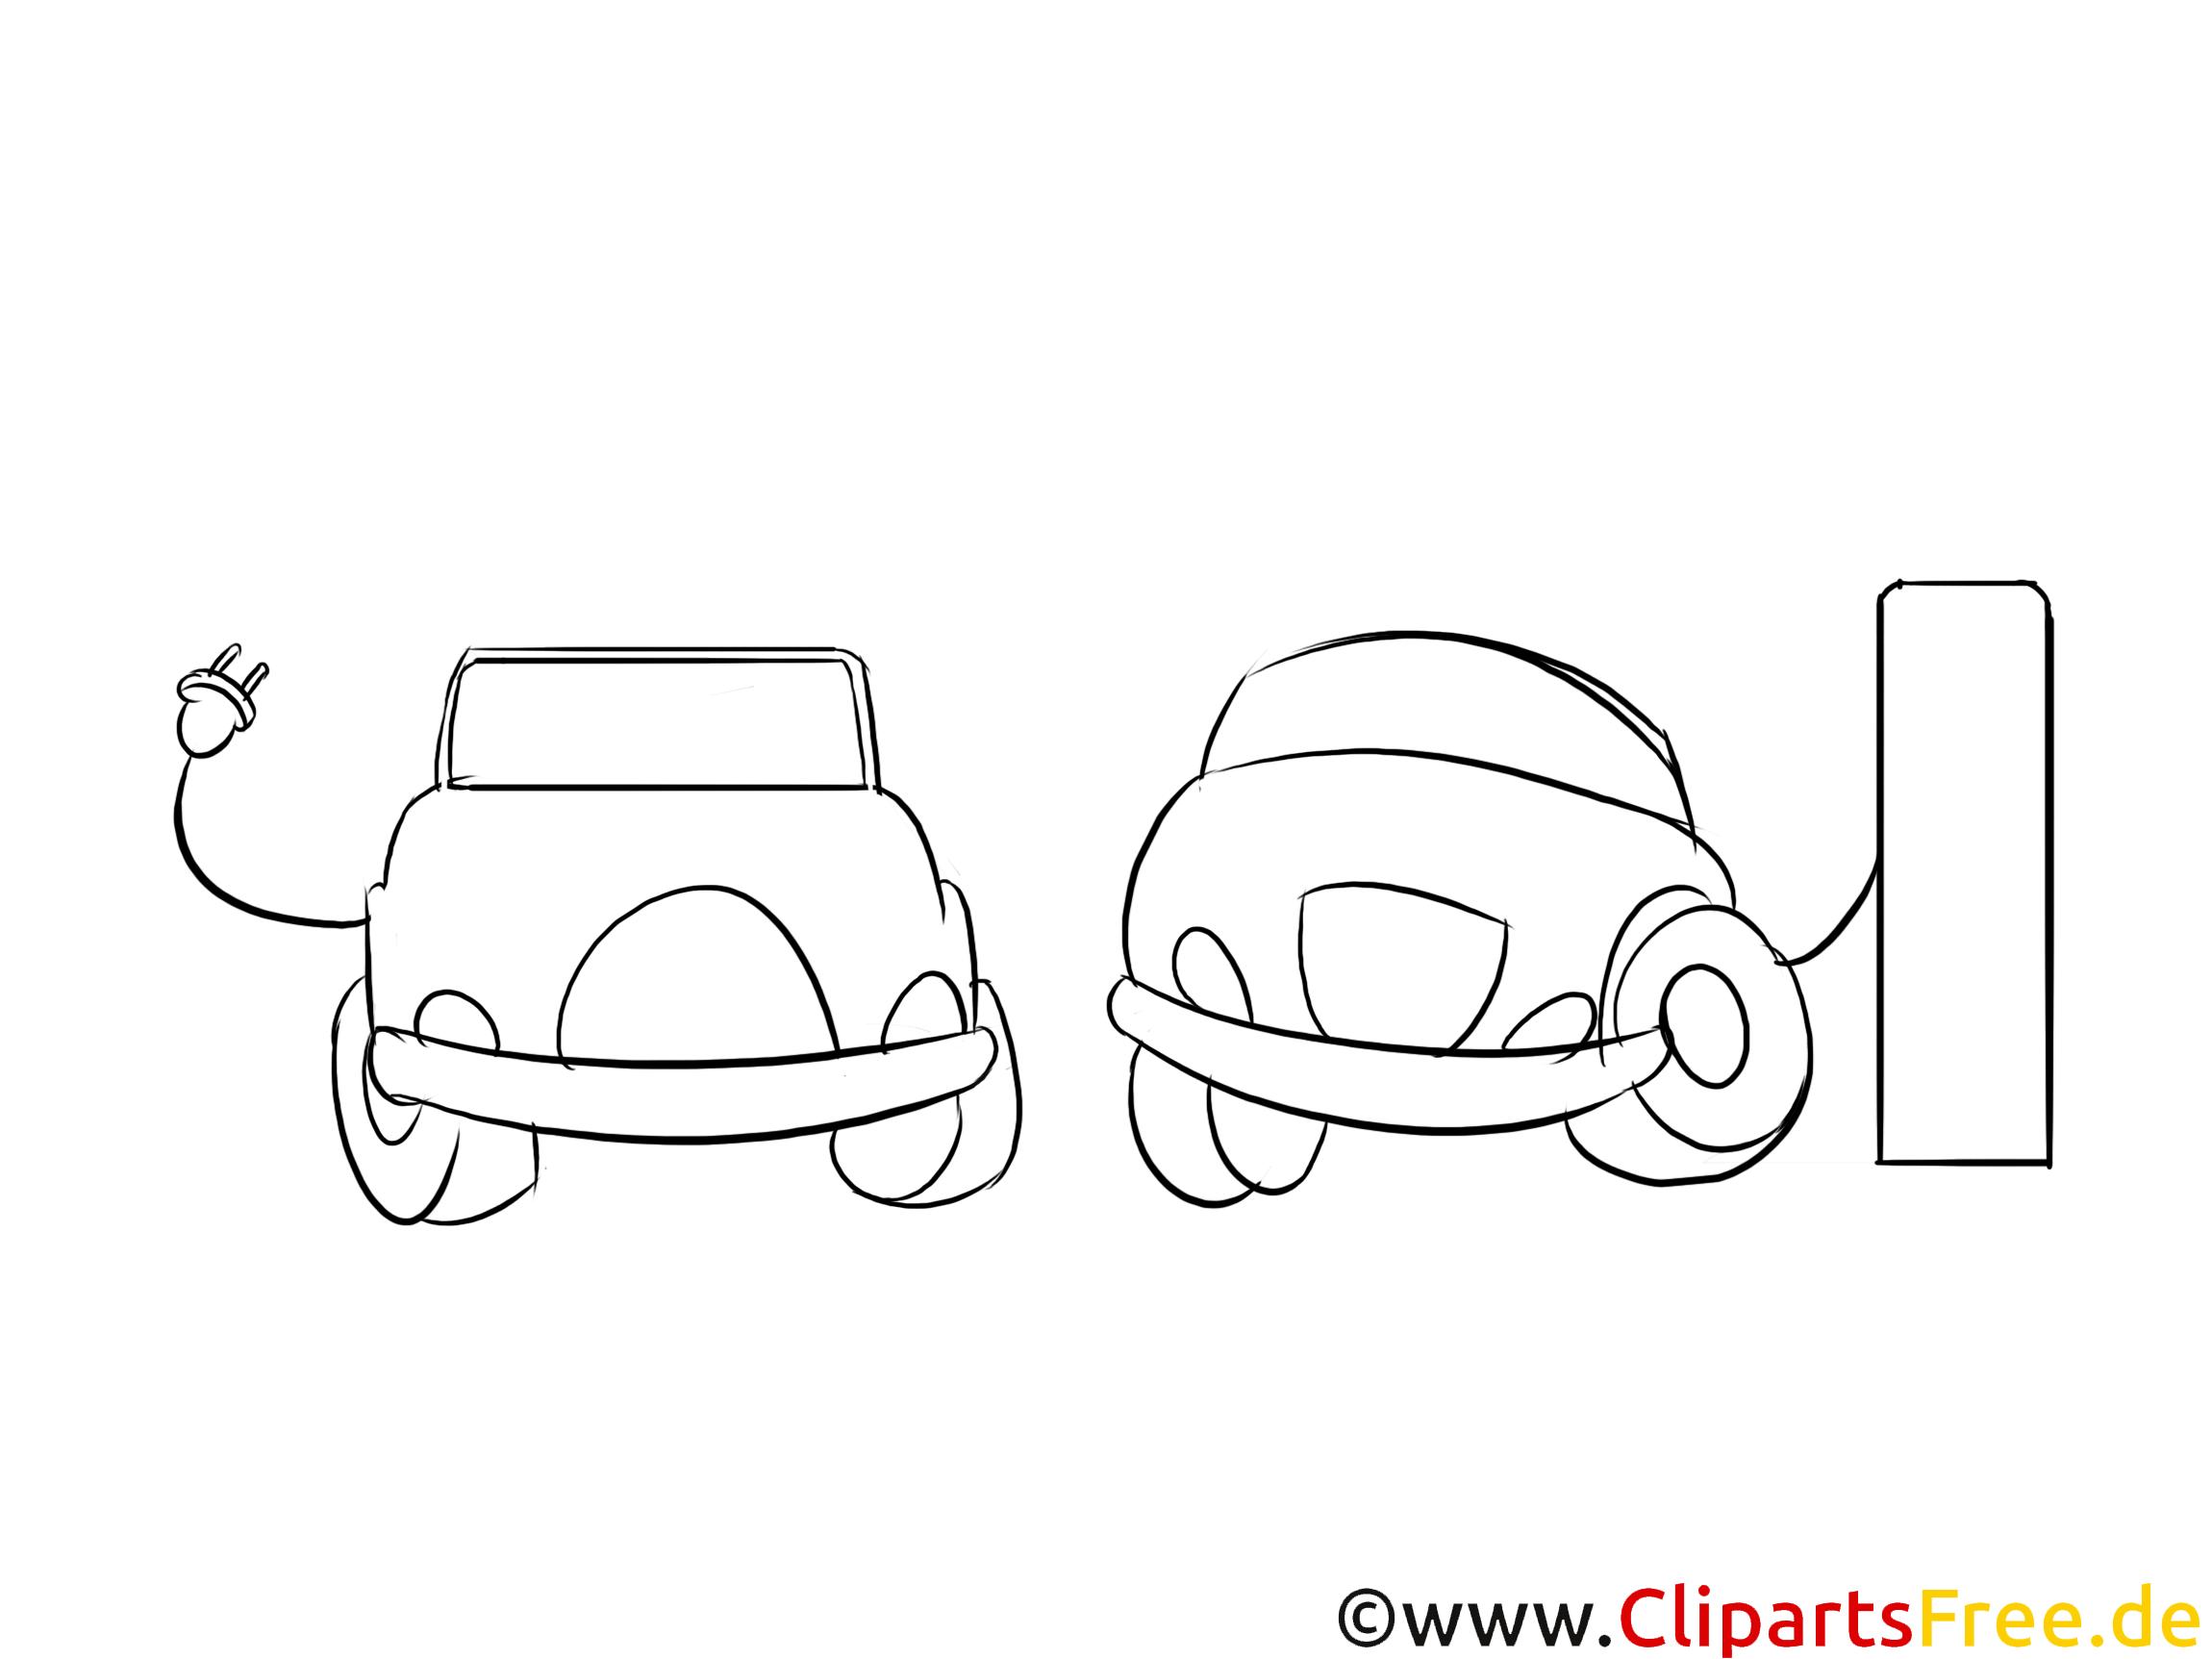 Autos auf dem Parkplatz mit Ladestationen Clipart, Bild, Grafik